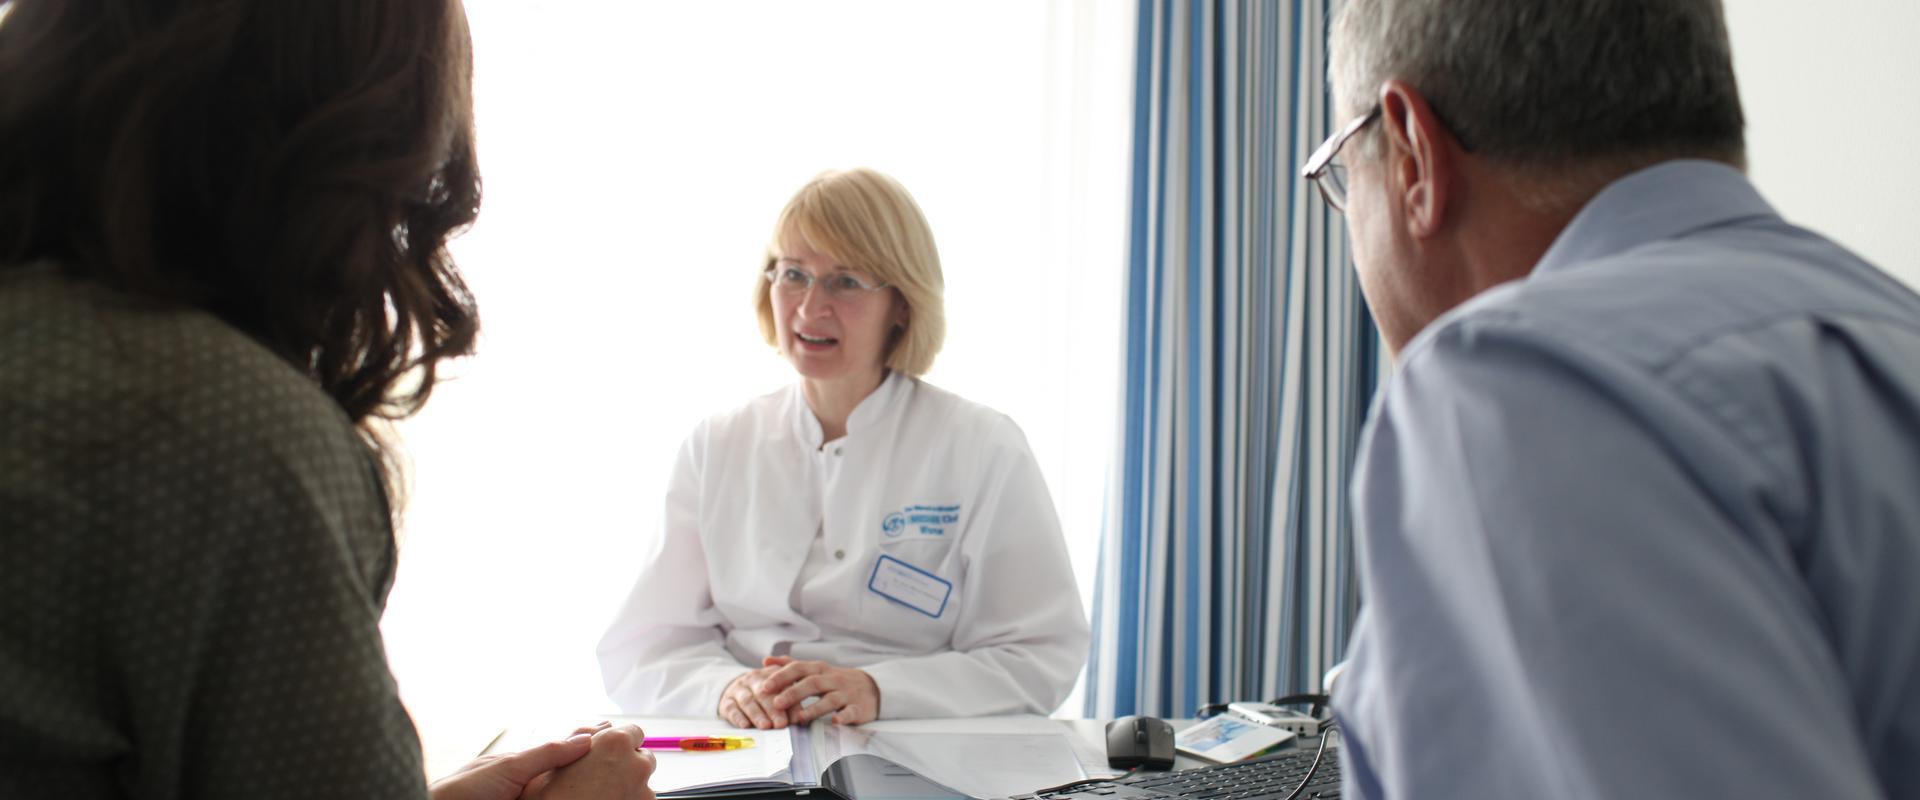 Kundengespräch im MEDIAN Therapiezentrum Haus Remscheid